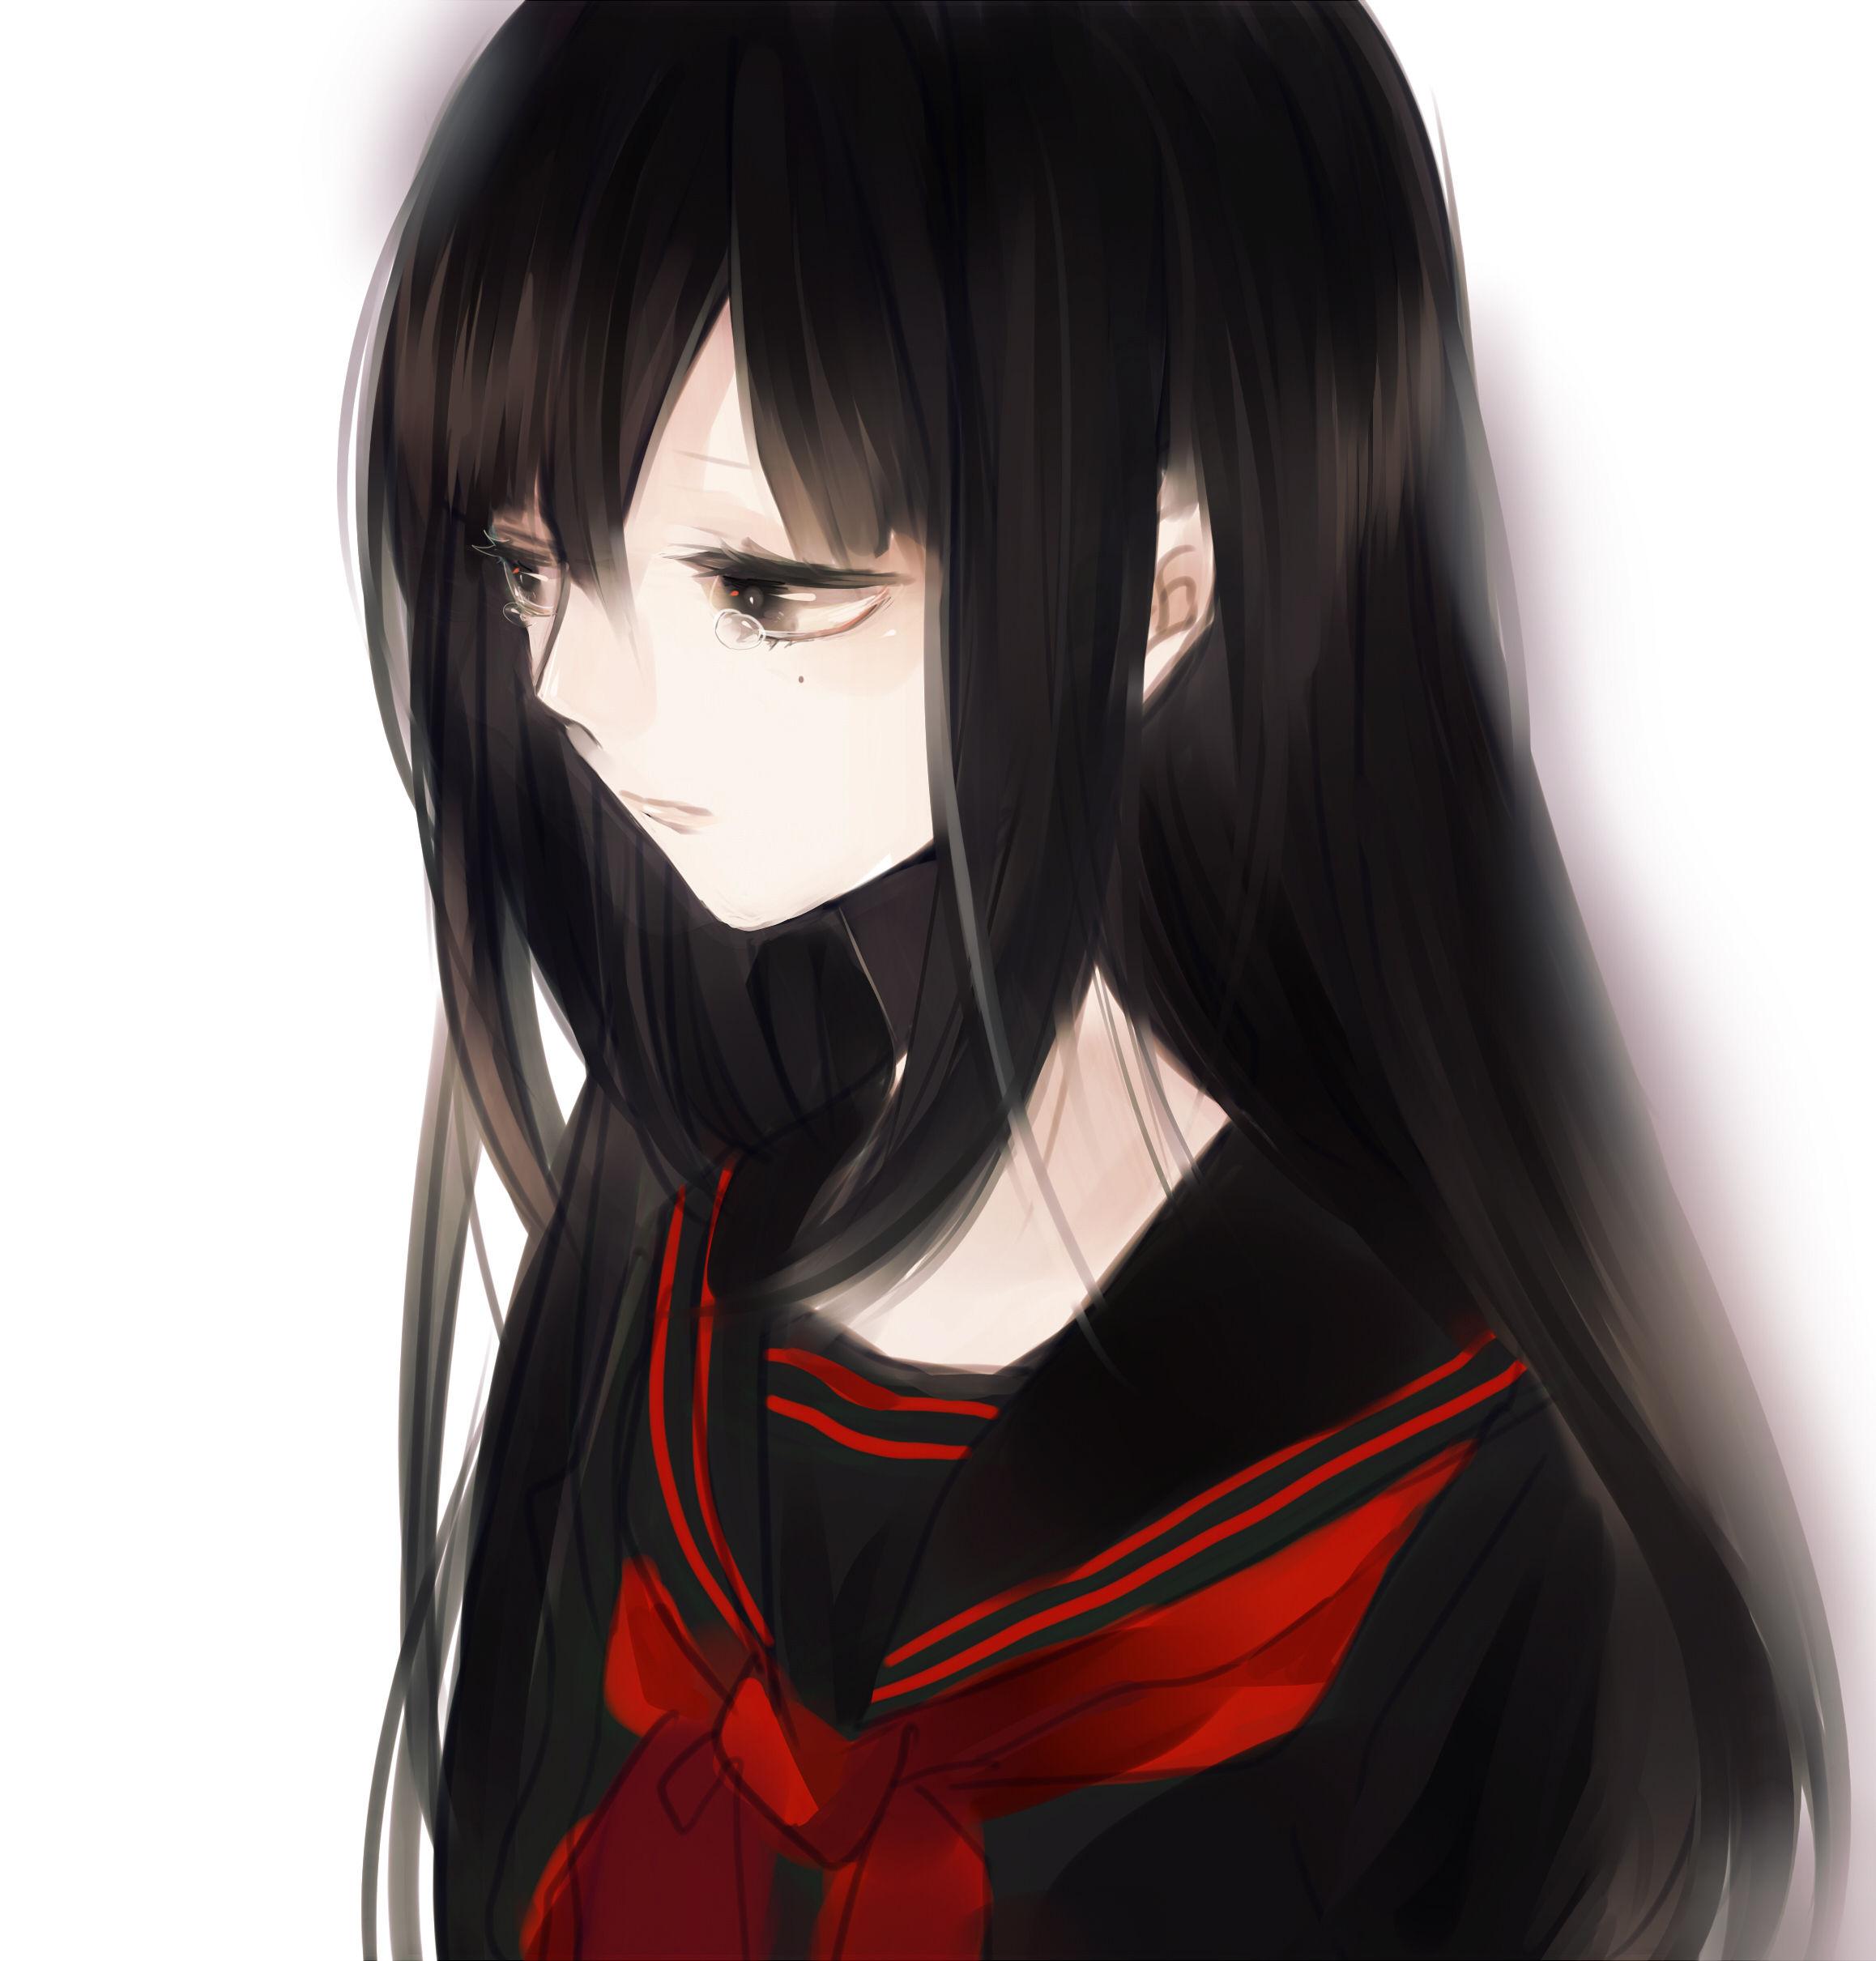 一个动漫 女生 有点血腥的长头发穿校服的叫什么